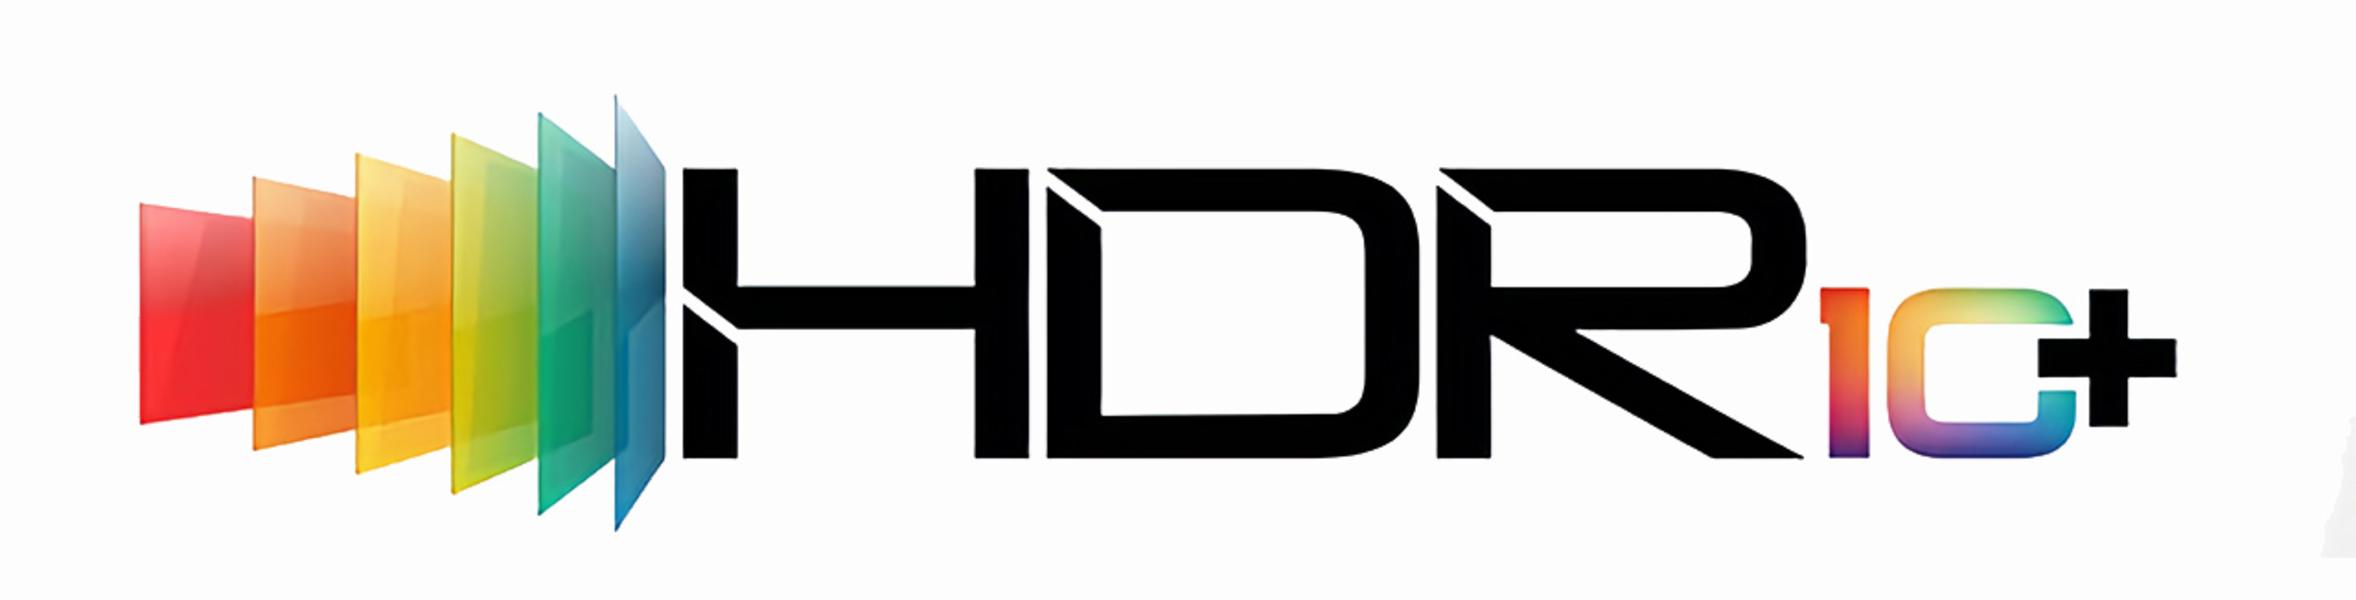 Oppo UDP-203 và UDP-205 sẽ sớm được nâng cấp HDR10+ ?